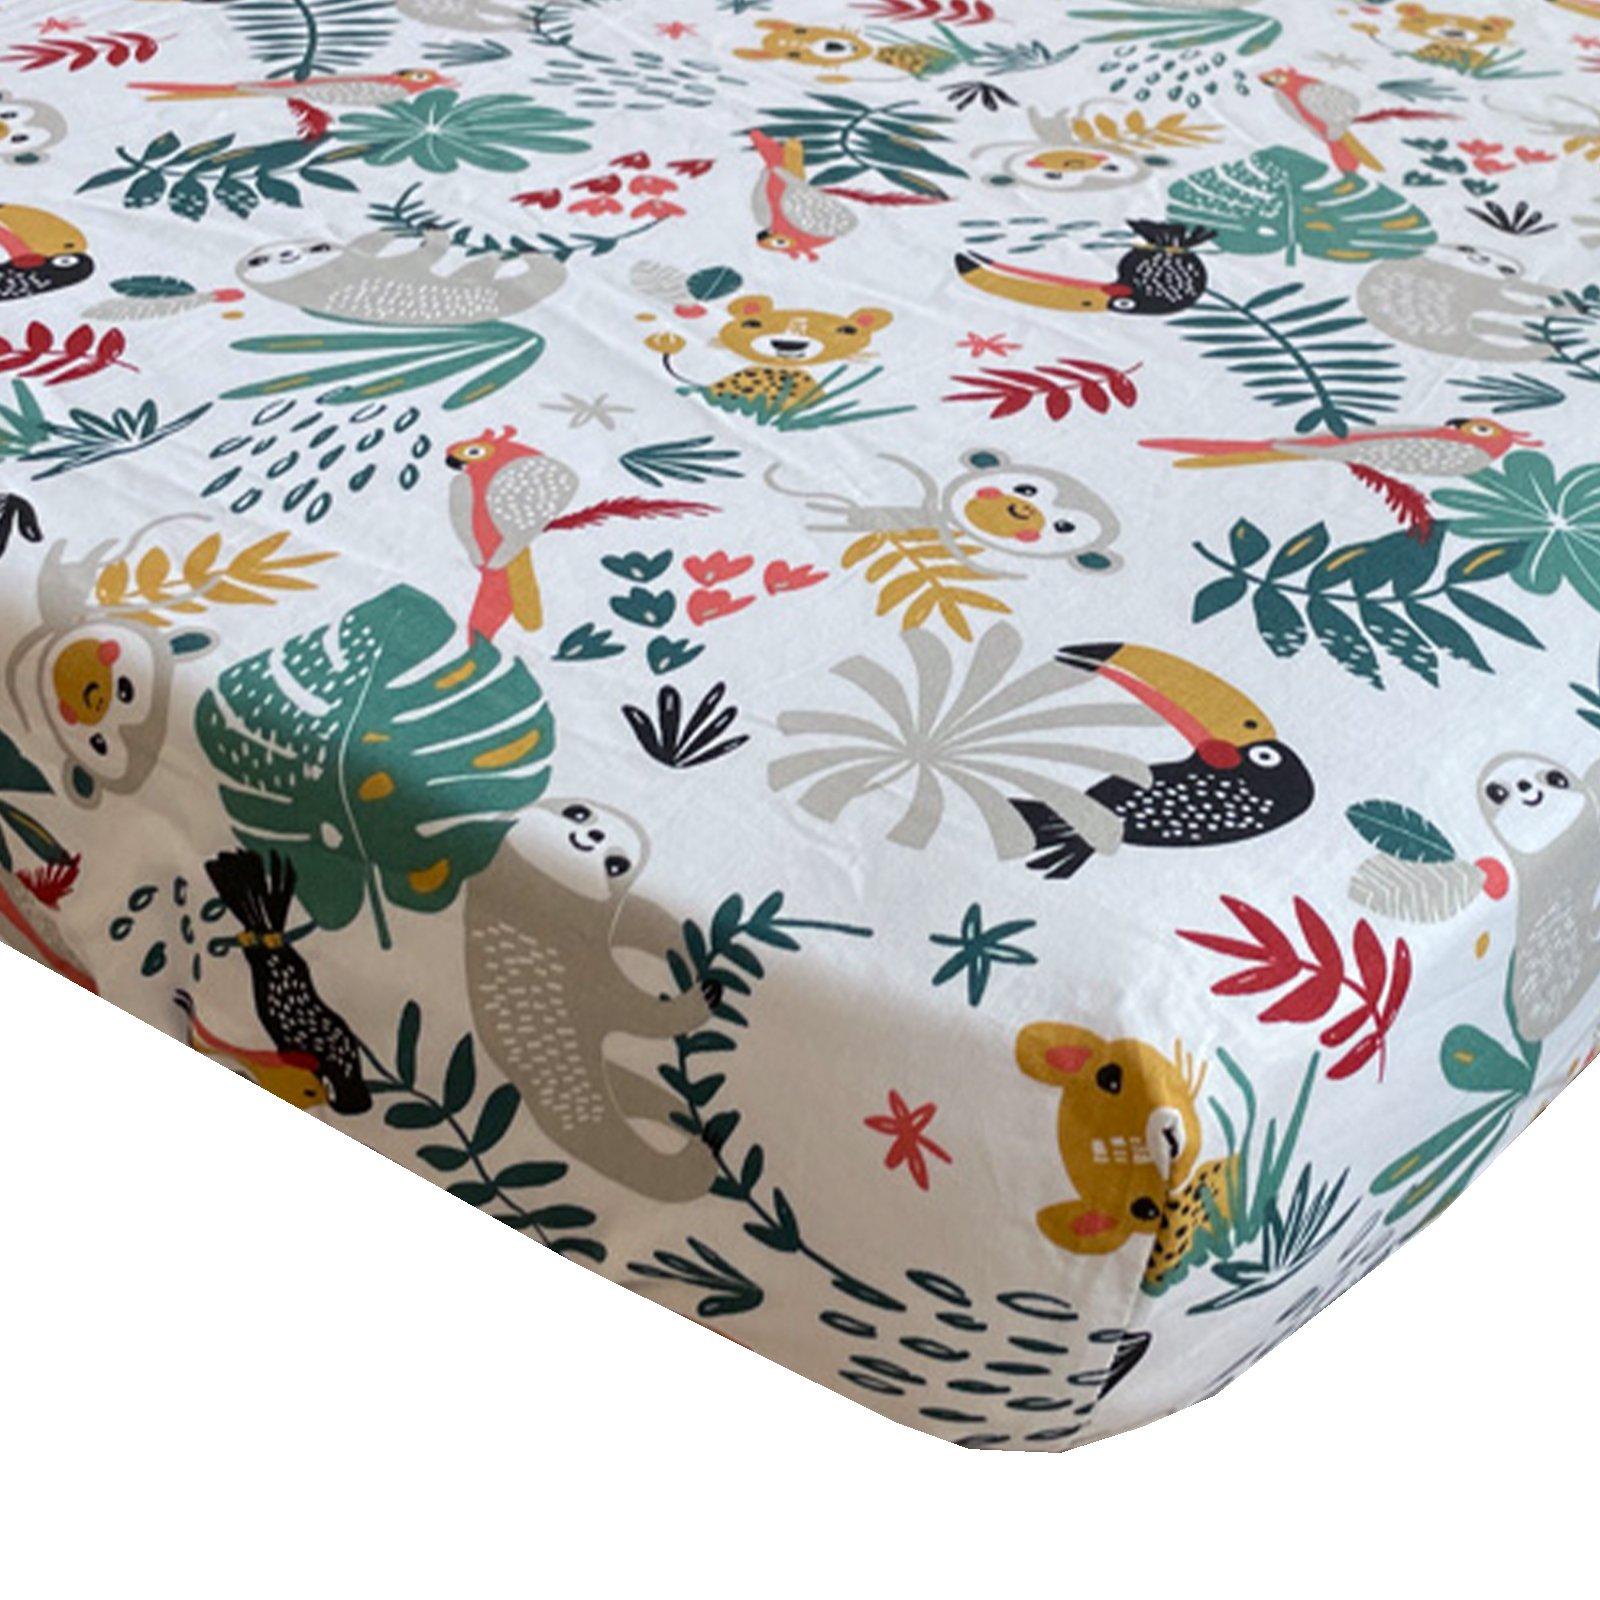 BINK Bedding hoeslaken Zoë 60x120 cm met kleurrijke toekans, luiaards, tijgers, apen, pagegaaien en bladeren op een witte ondergrond.